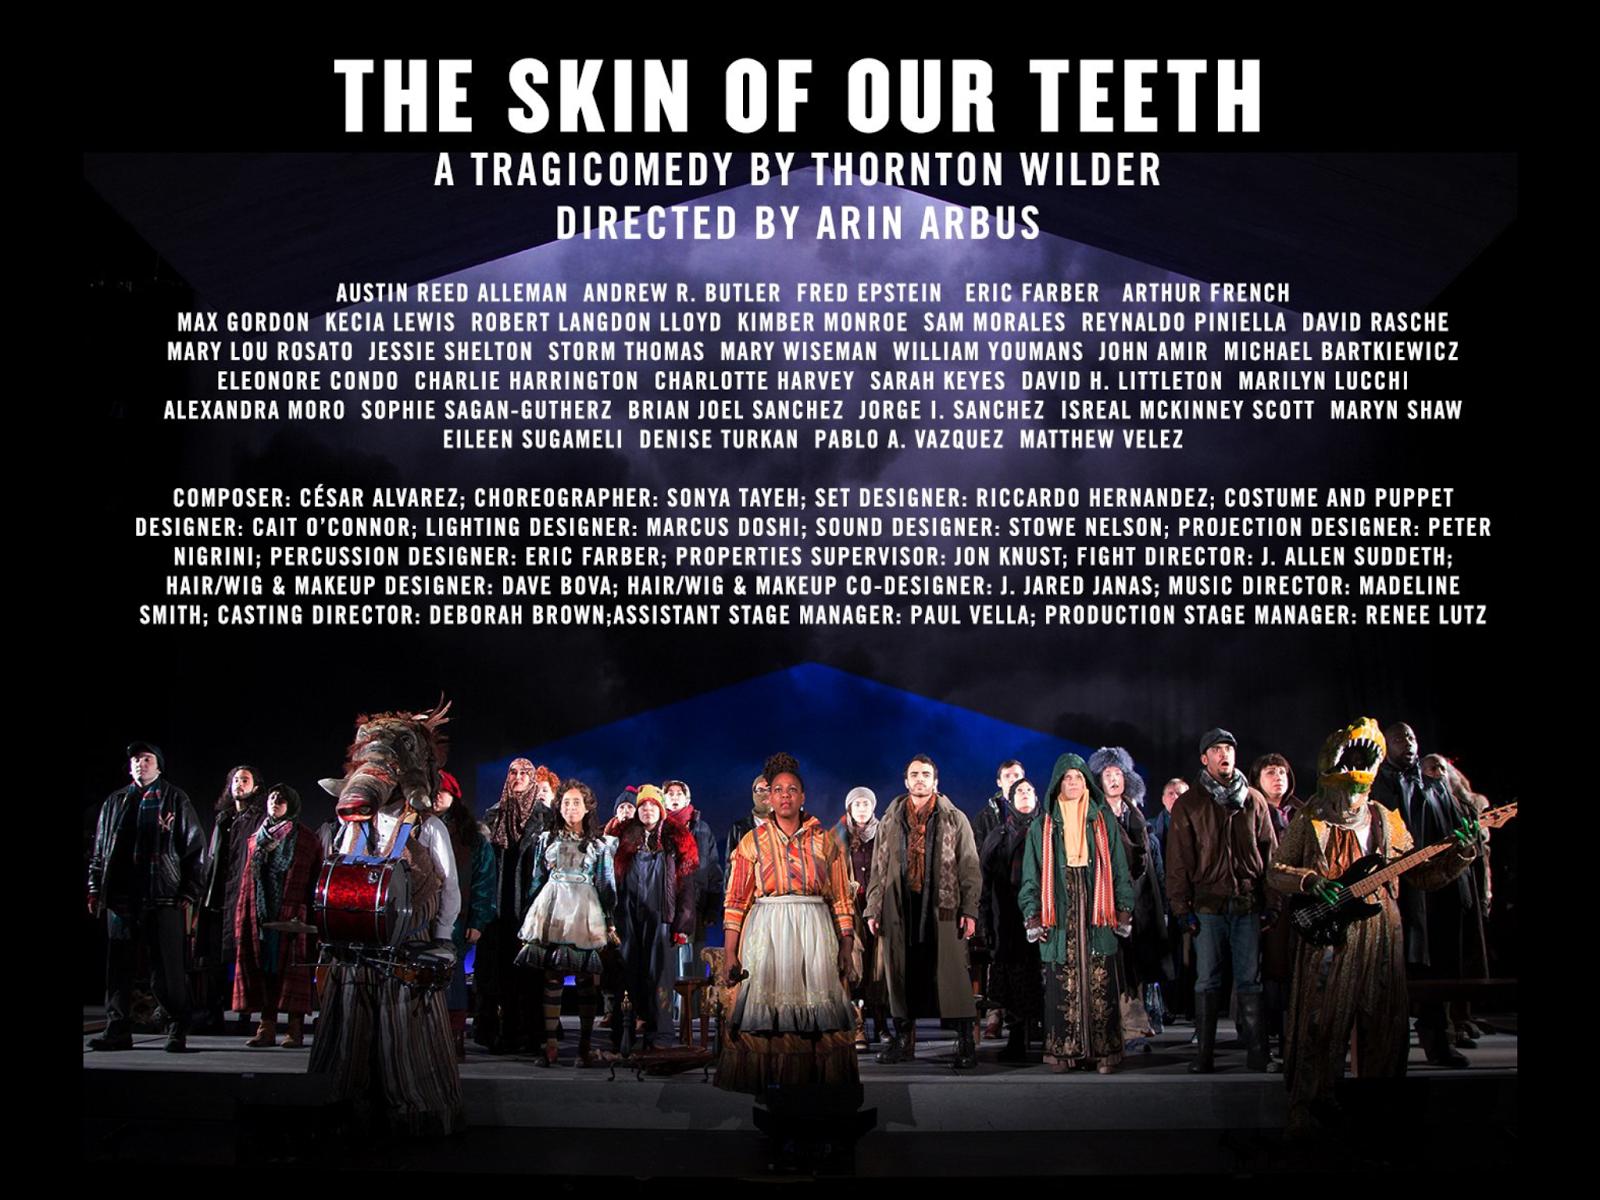 Küçük tiyatro tiyatrosu: tiyatro, repertuar, trup hakkında